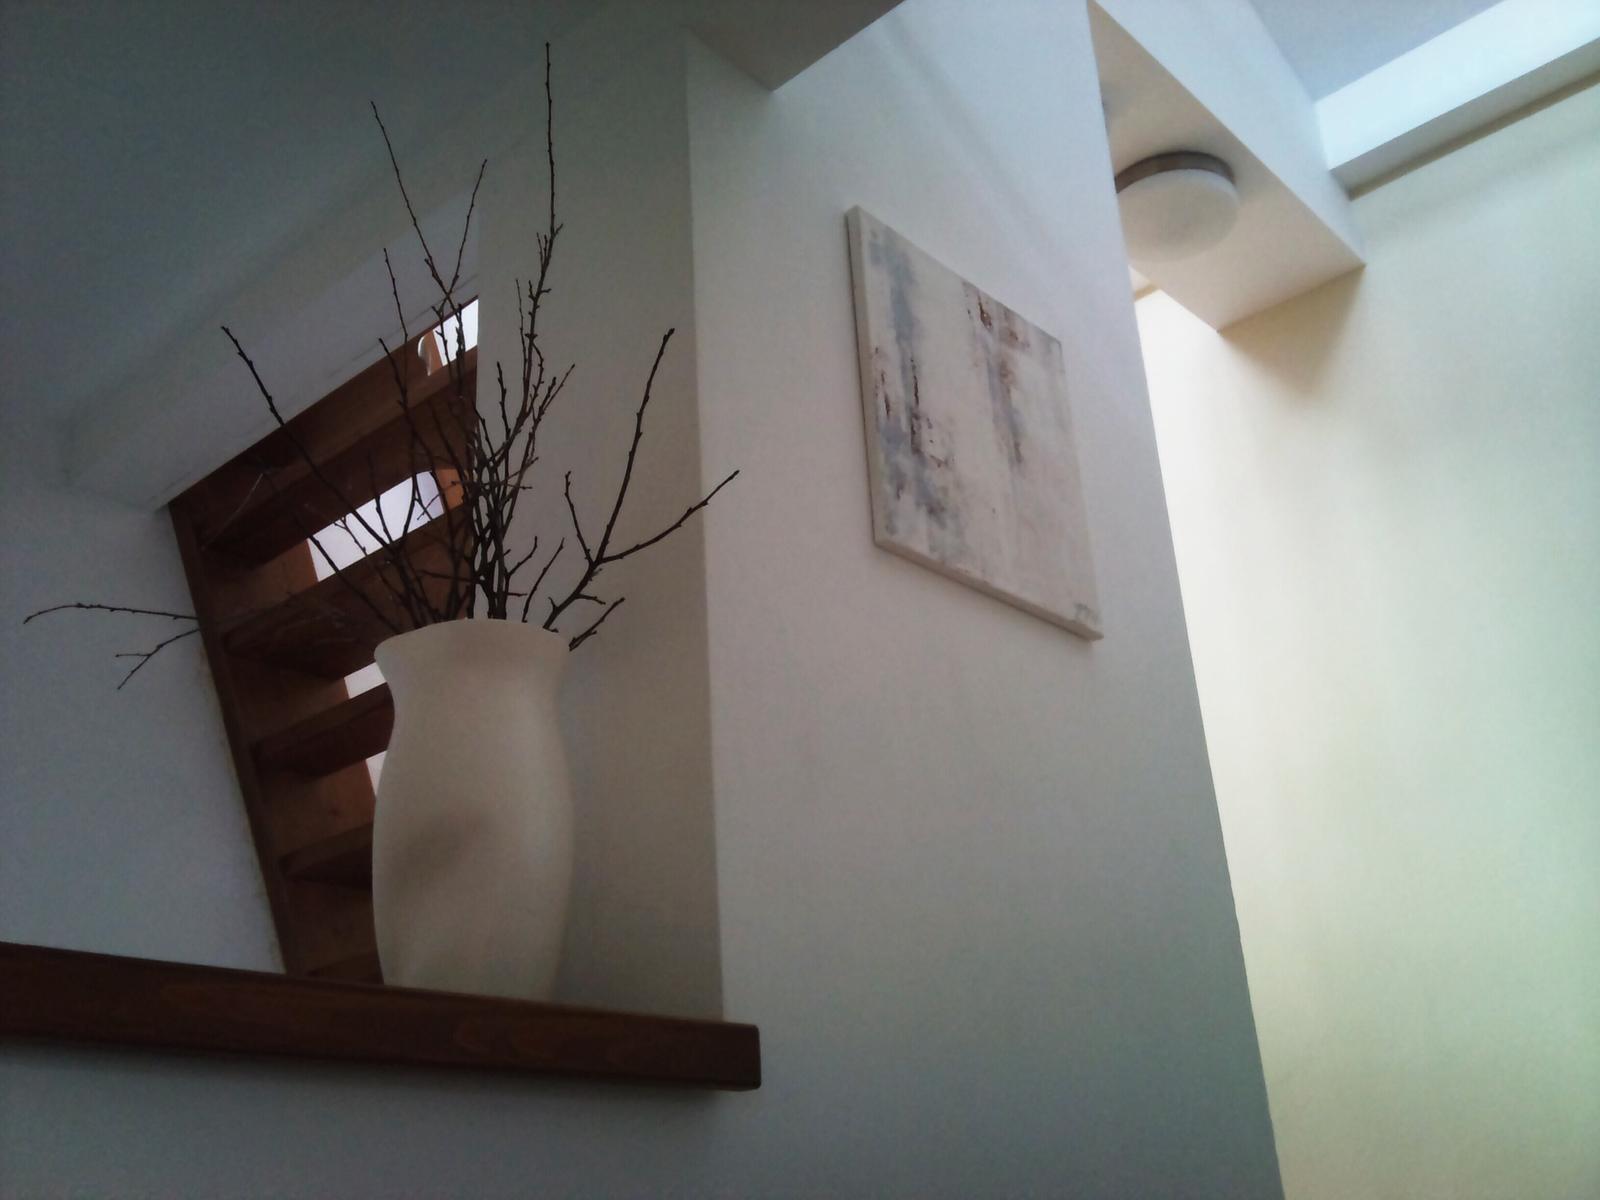 Mé obrazy v interiérech - Obrázek č. 45